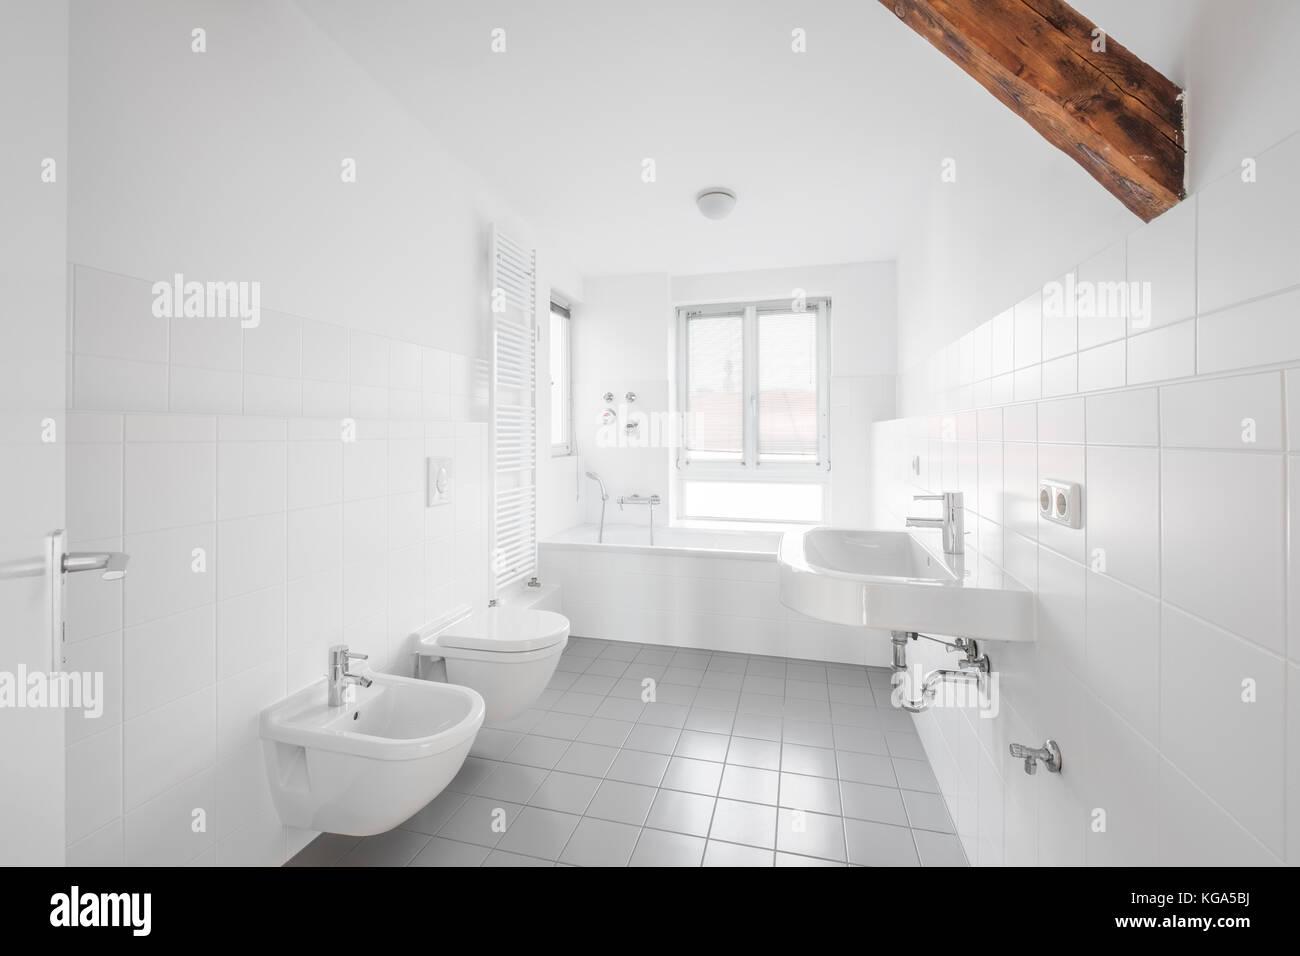 Weißes Badezimmer - Modernes gefliestes Bad Badewanne ...